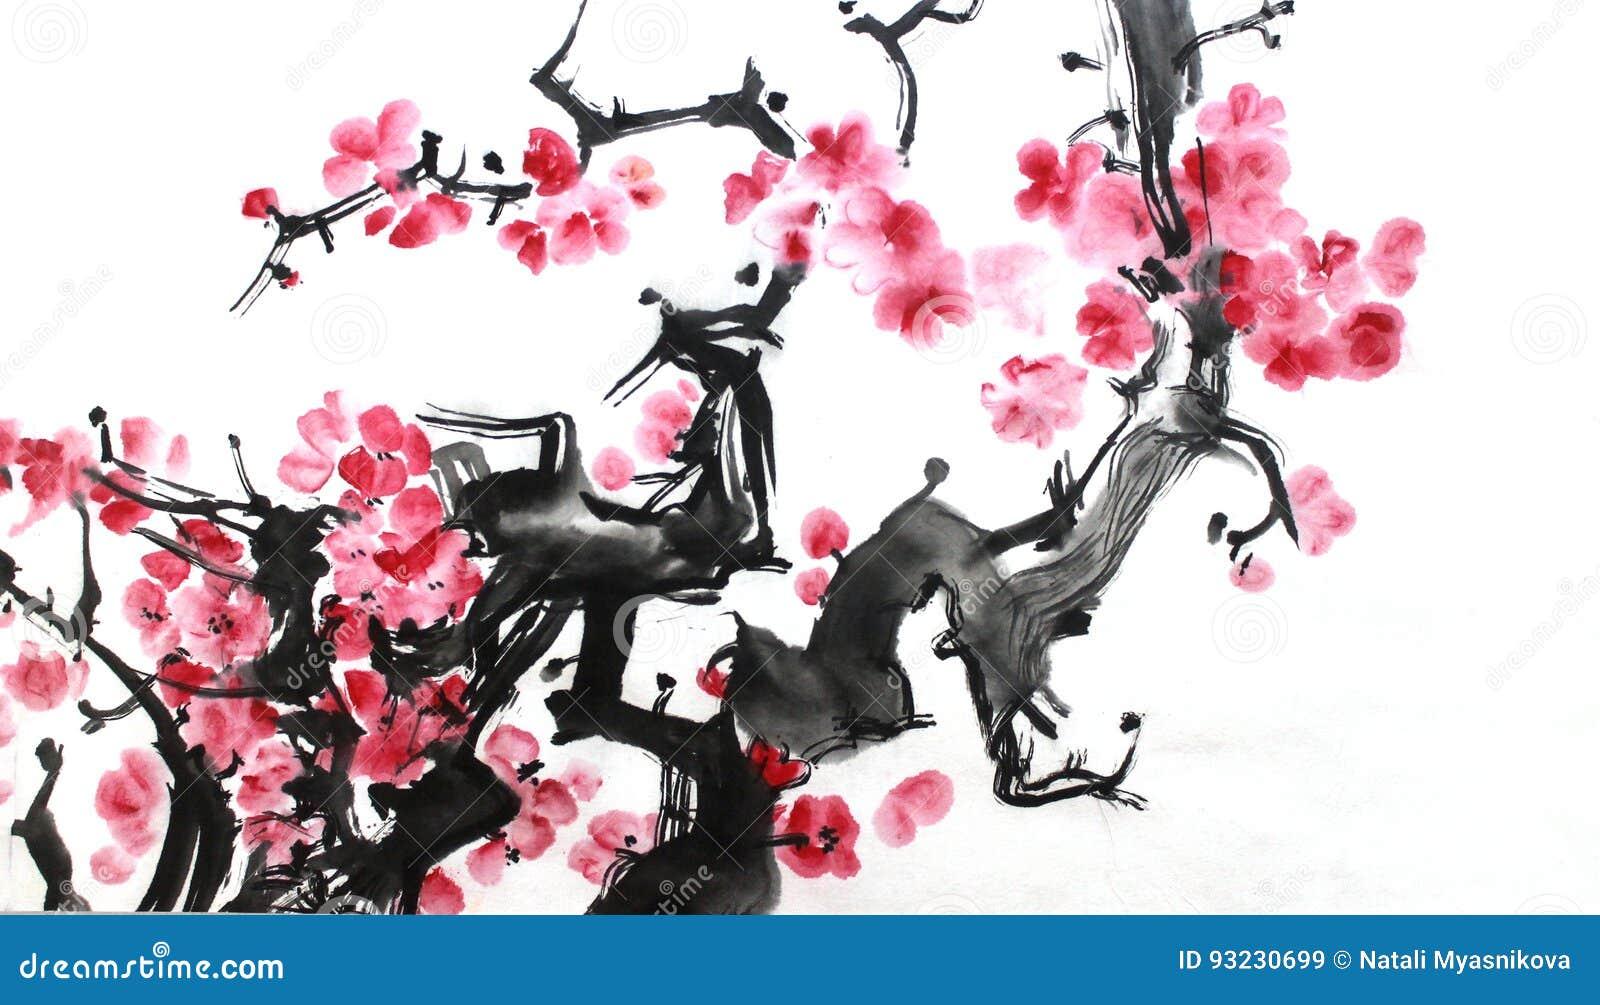 Chiński atramentu obraz kwiaty, śliwkowy okwitnięcie na białym tle,